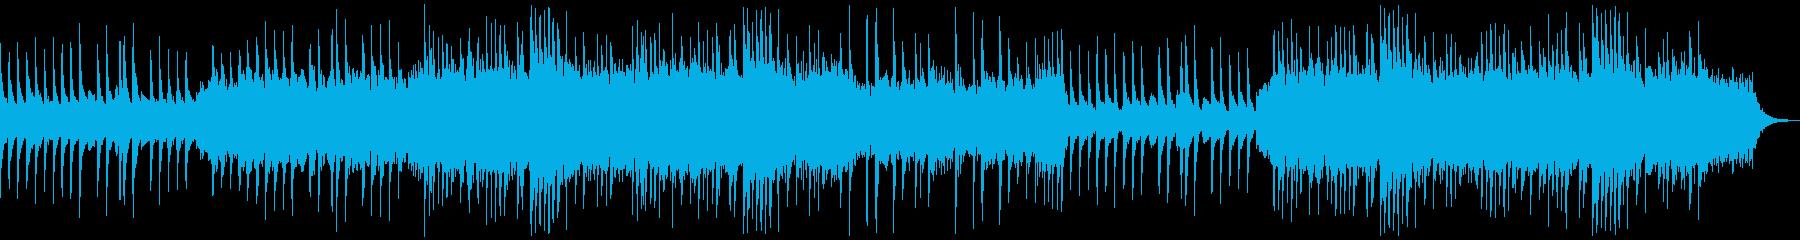 歪んだピアノとコーラスで構成の不気味な曲の再生済みの波形